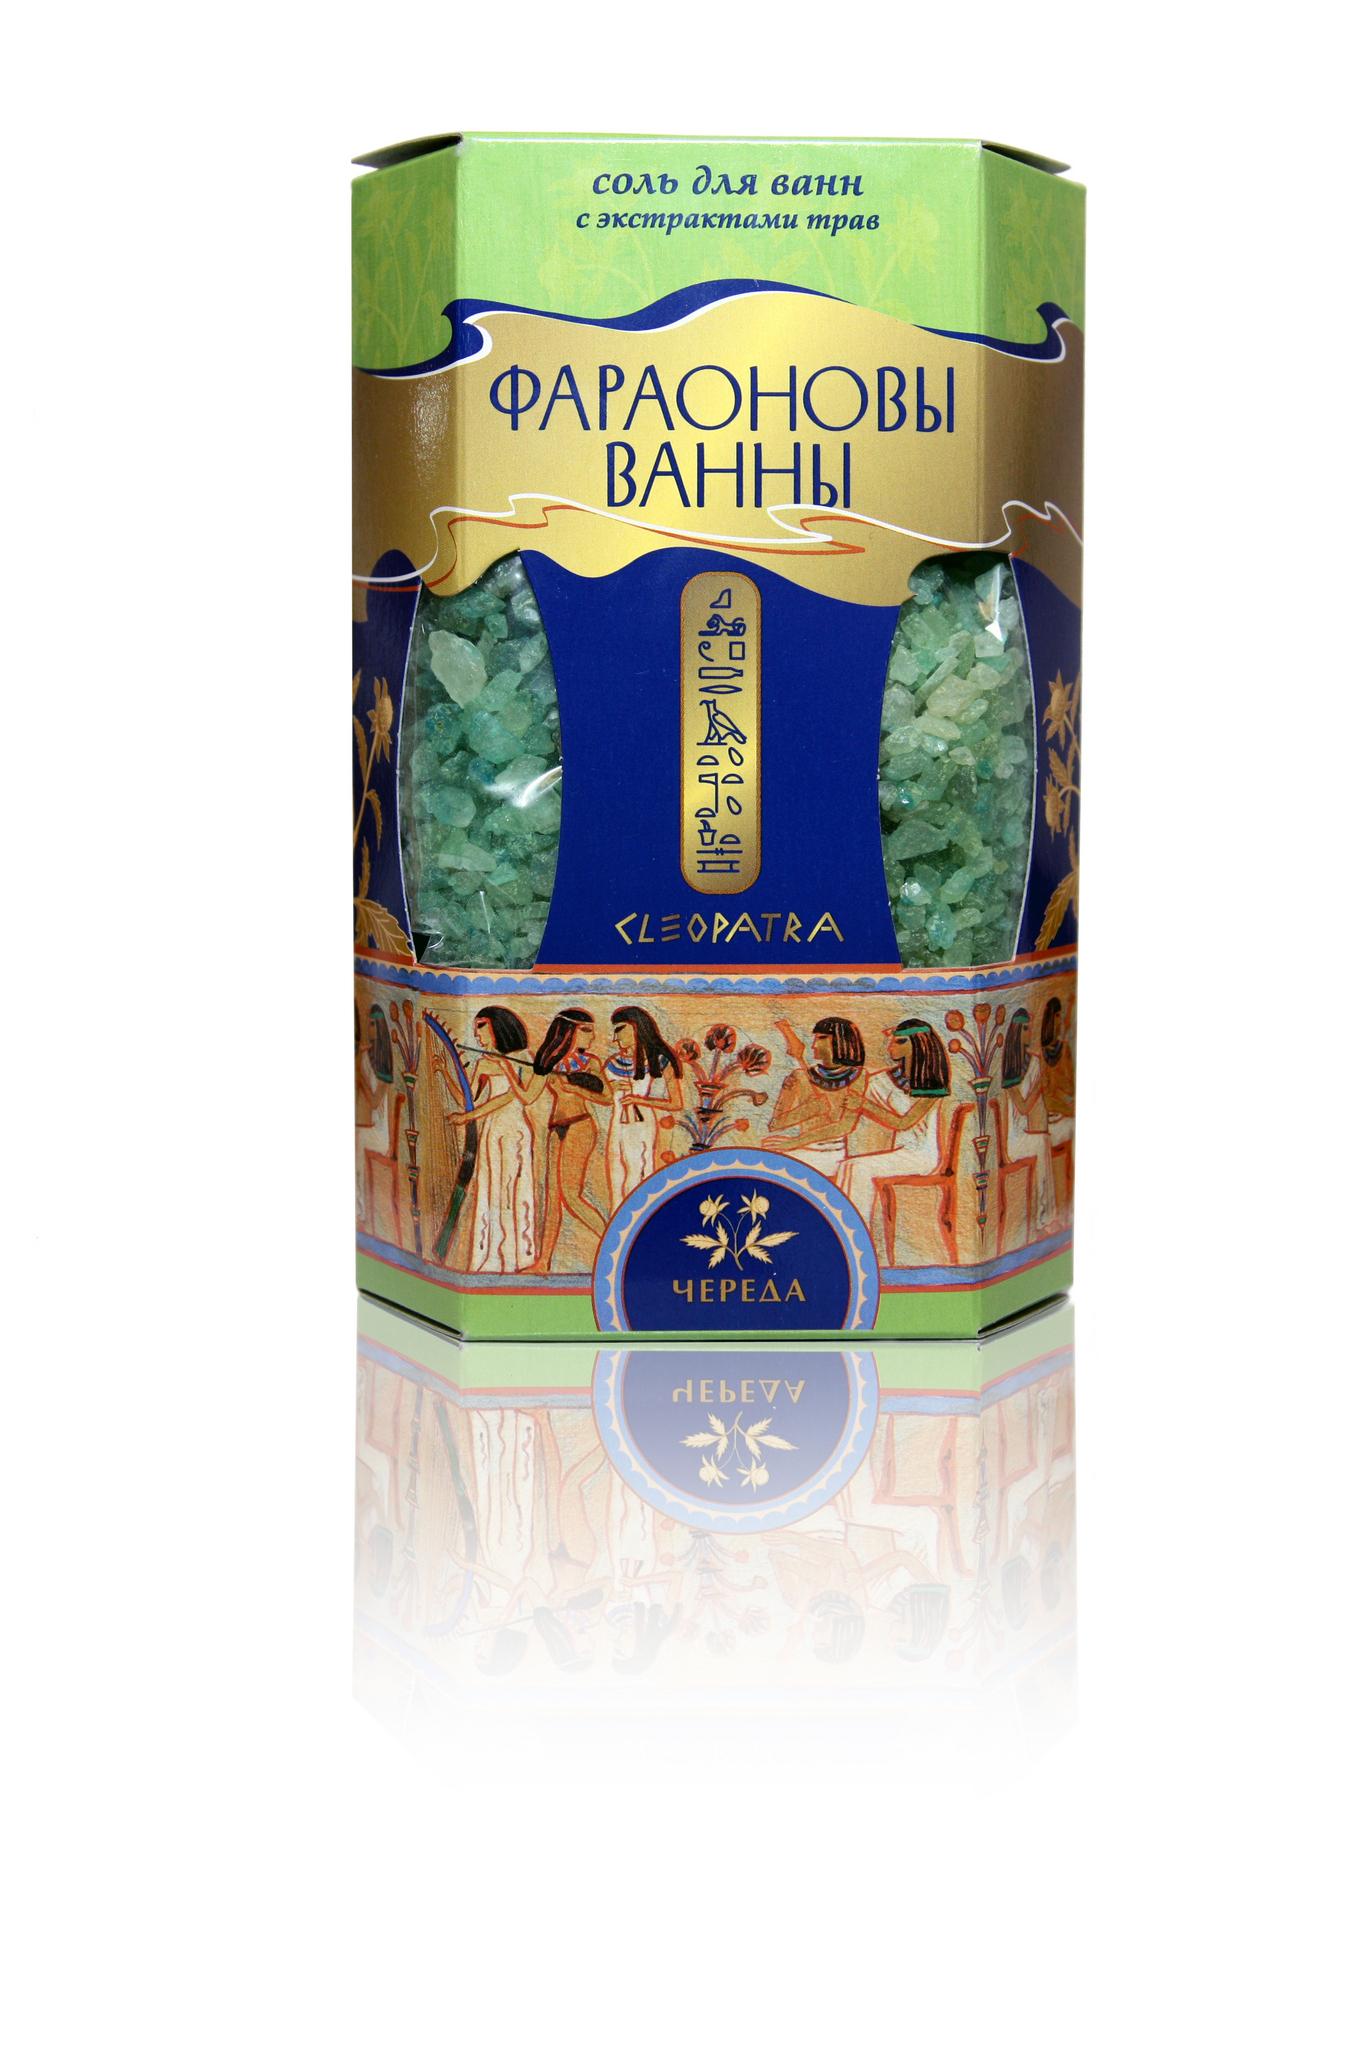 Фараоновы Ванны с чередой 500 г.